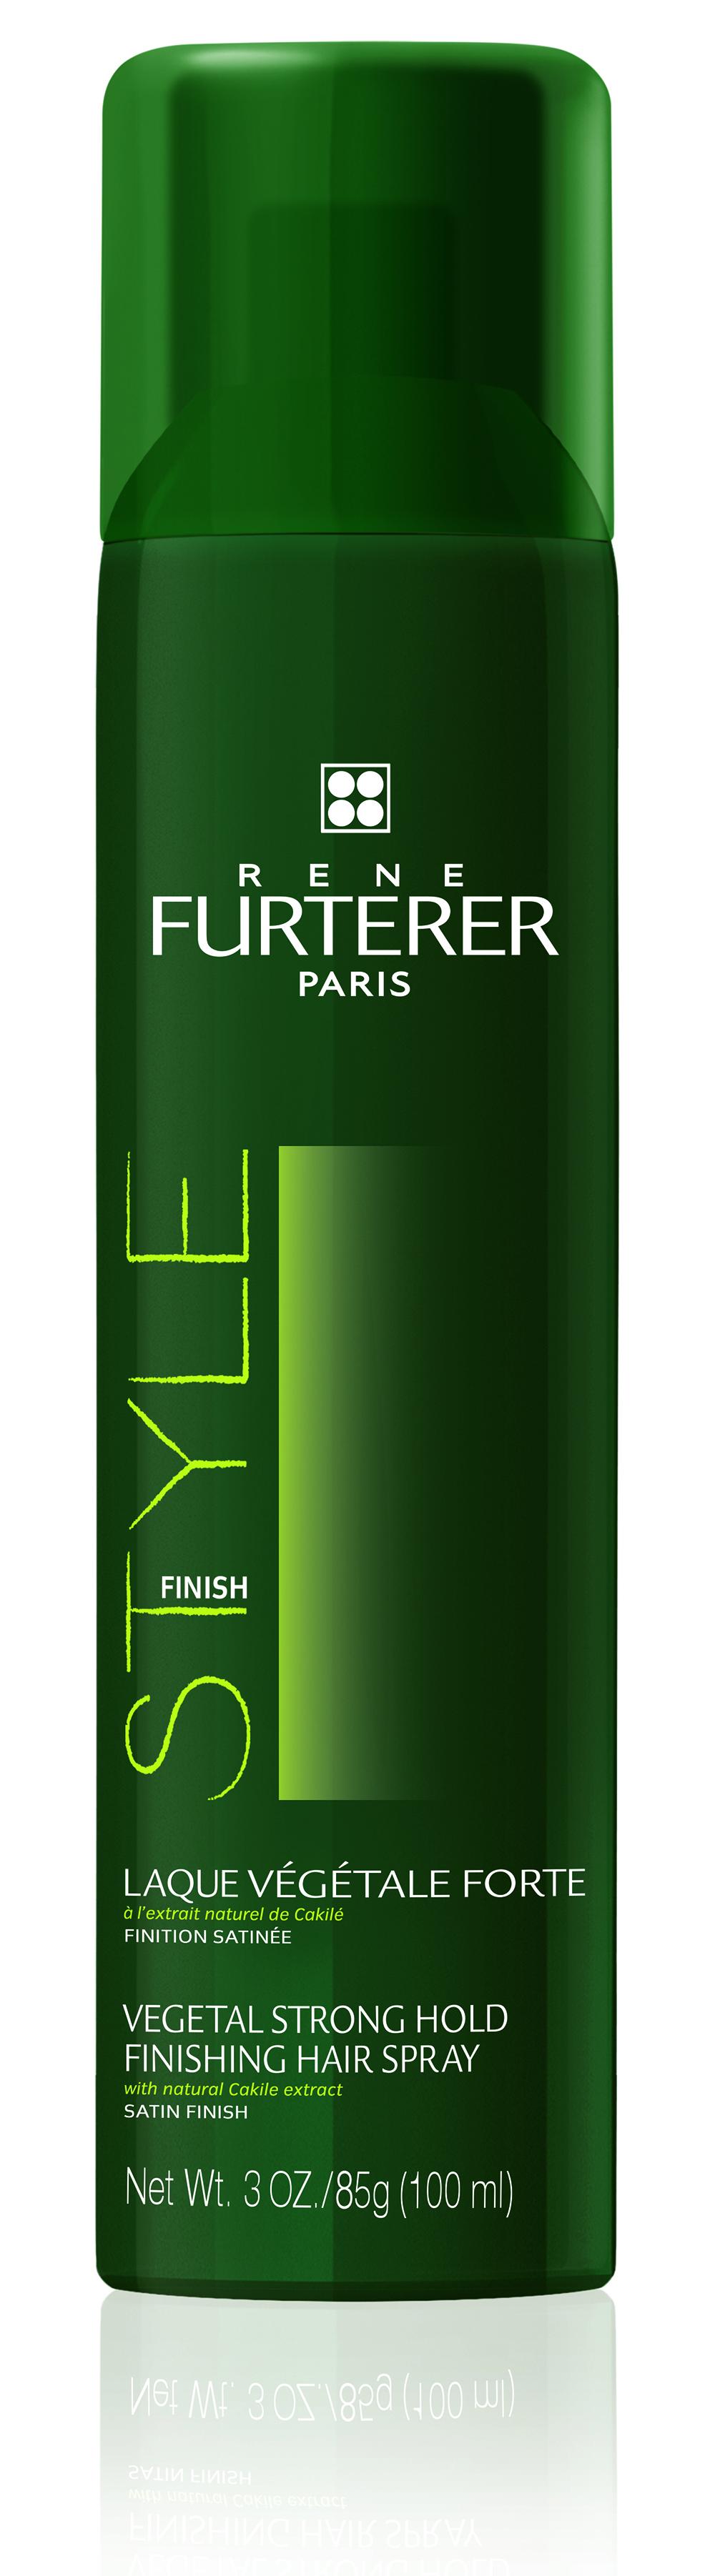 René Furterer's Vegetal Strong Hold Finishing Hairspray